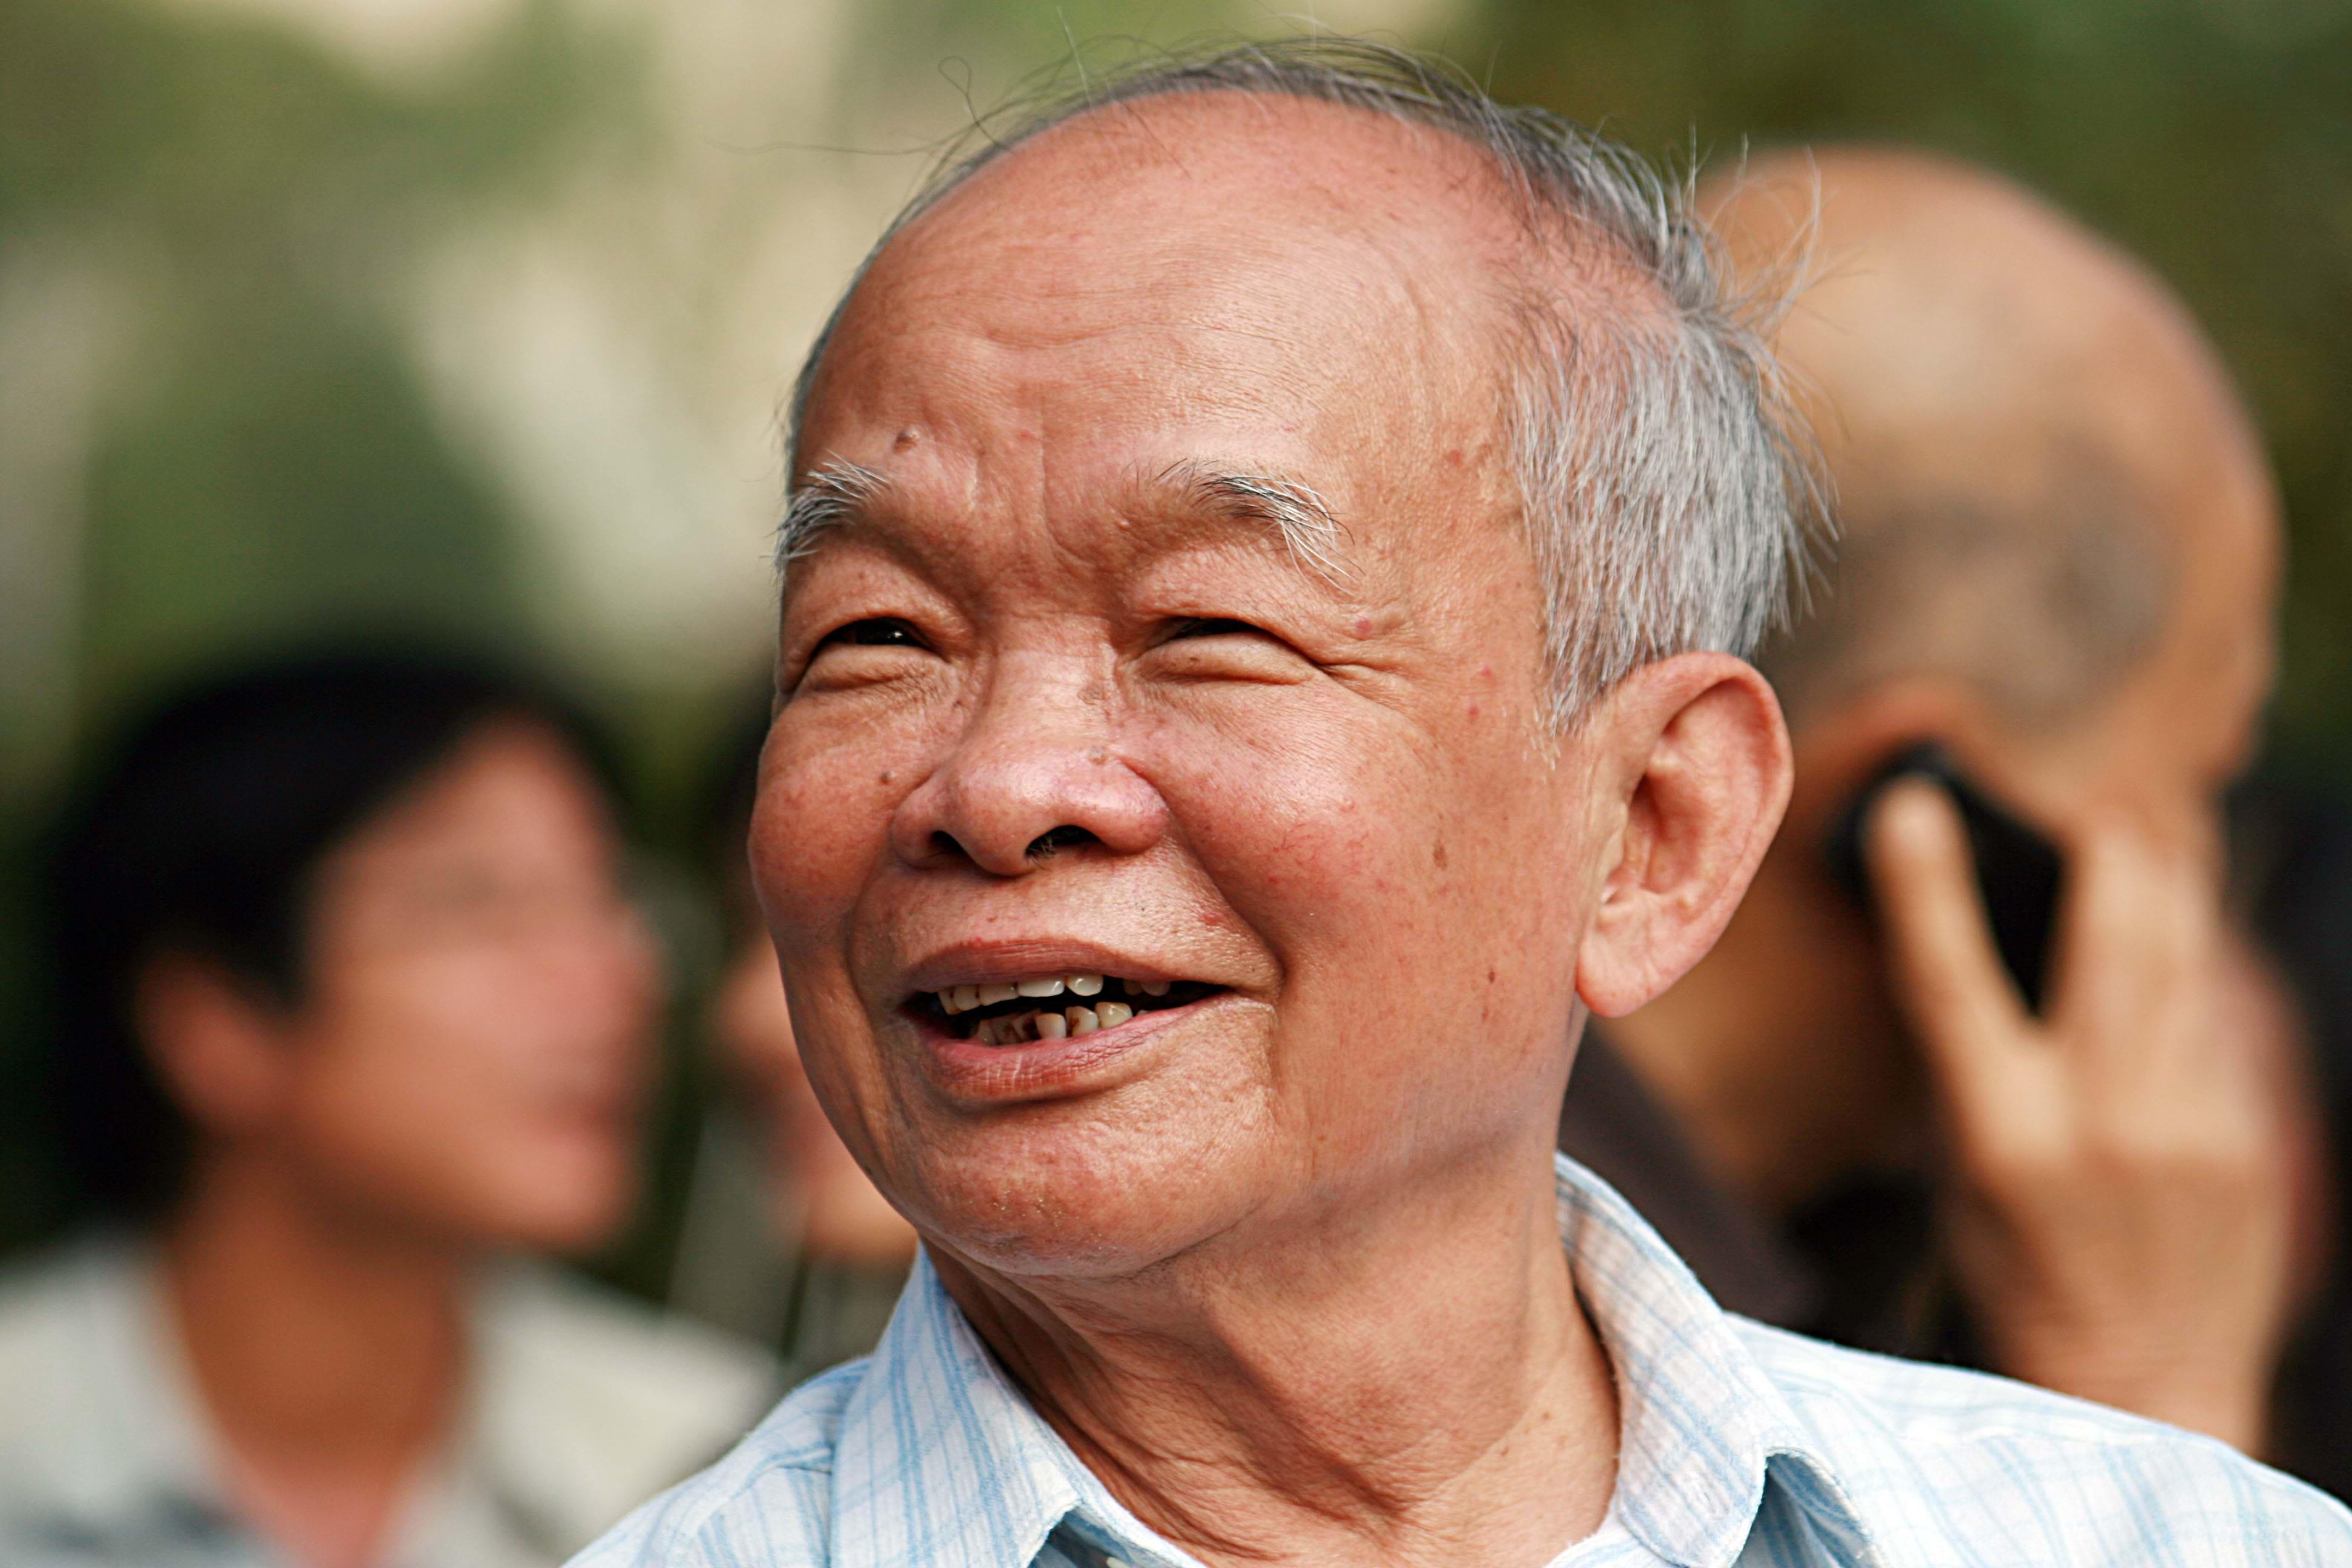 phan-tich-hinh-tuong-rung-xa-nu1